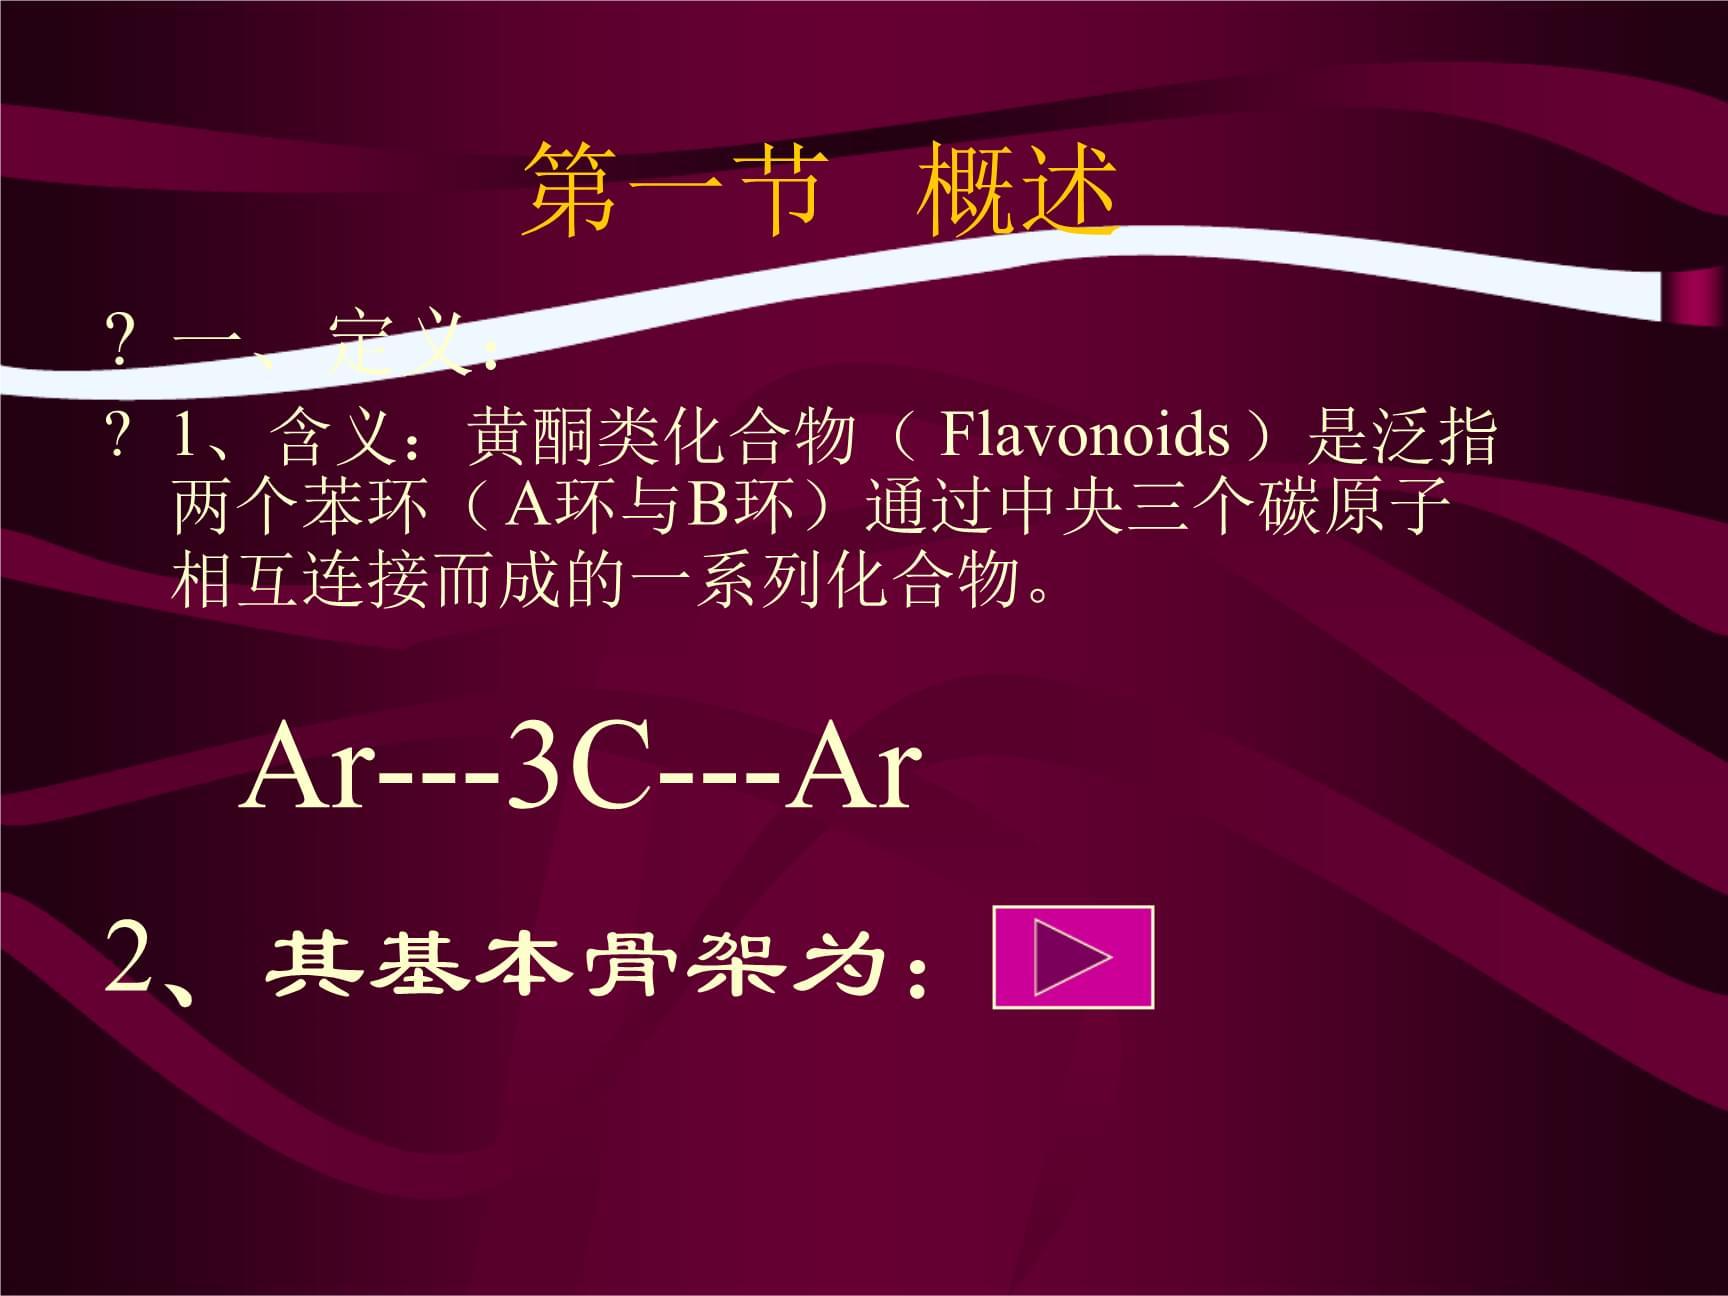 黑龙江医药卫生职业学校药学专业天然药化黄酮类化合物.ppt